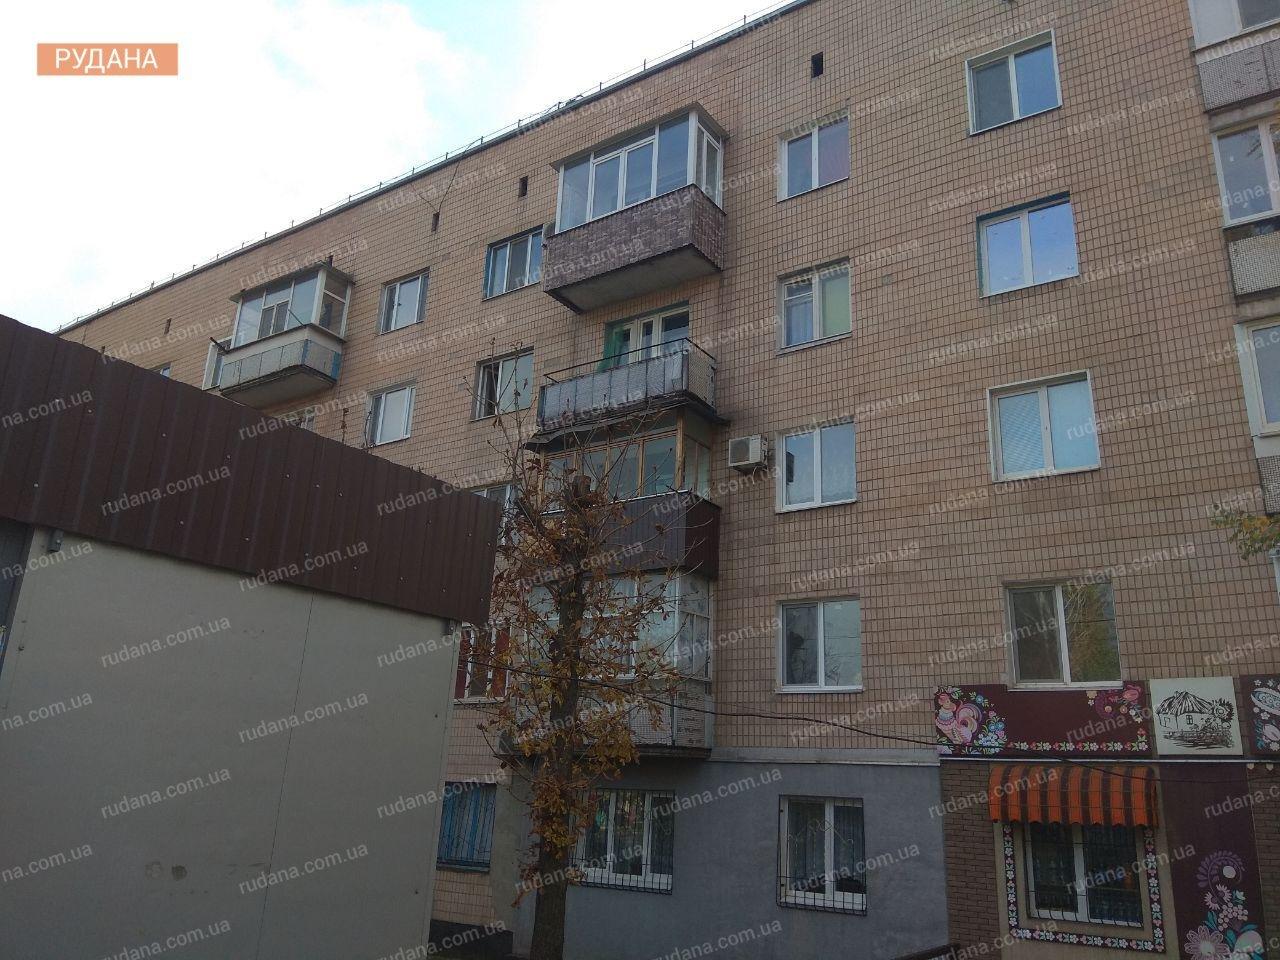 В Кривом Роге обнаженный мужчина выпал из окна, - ФОТО 18+, фото-3